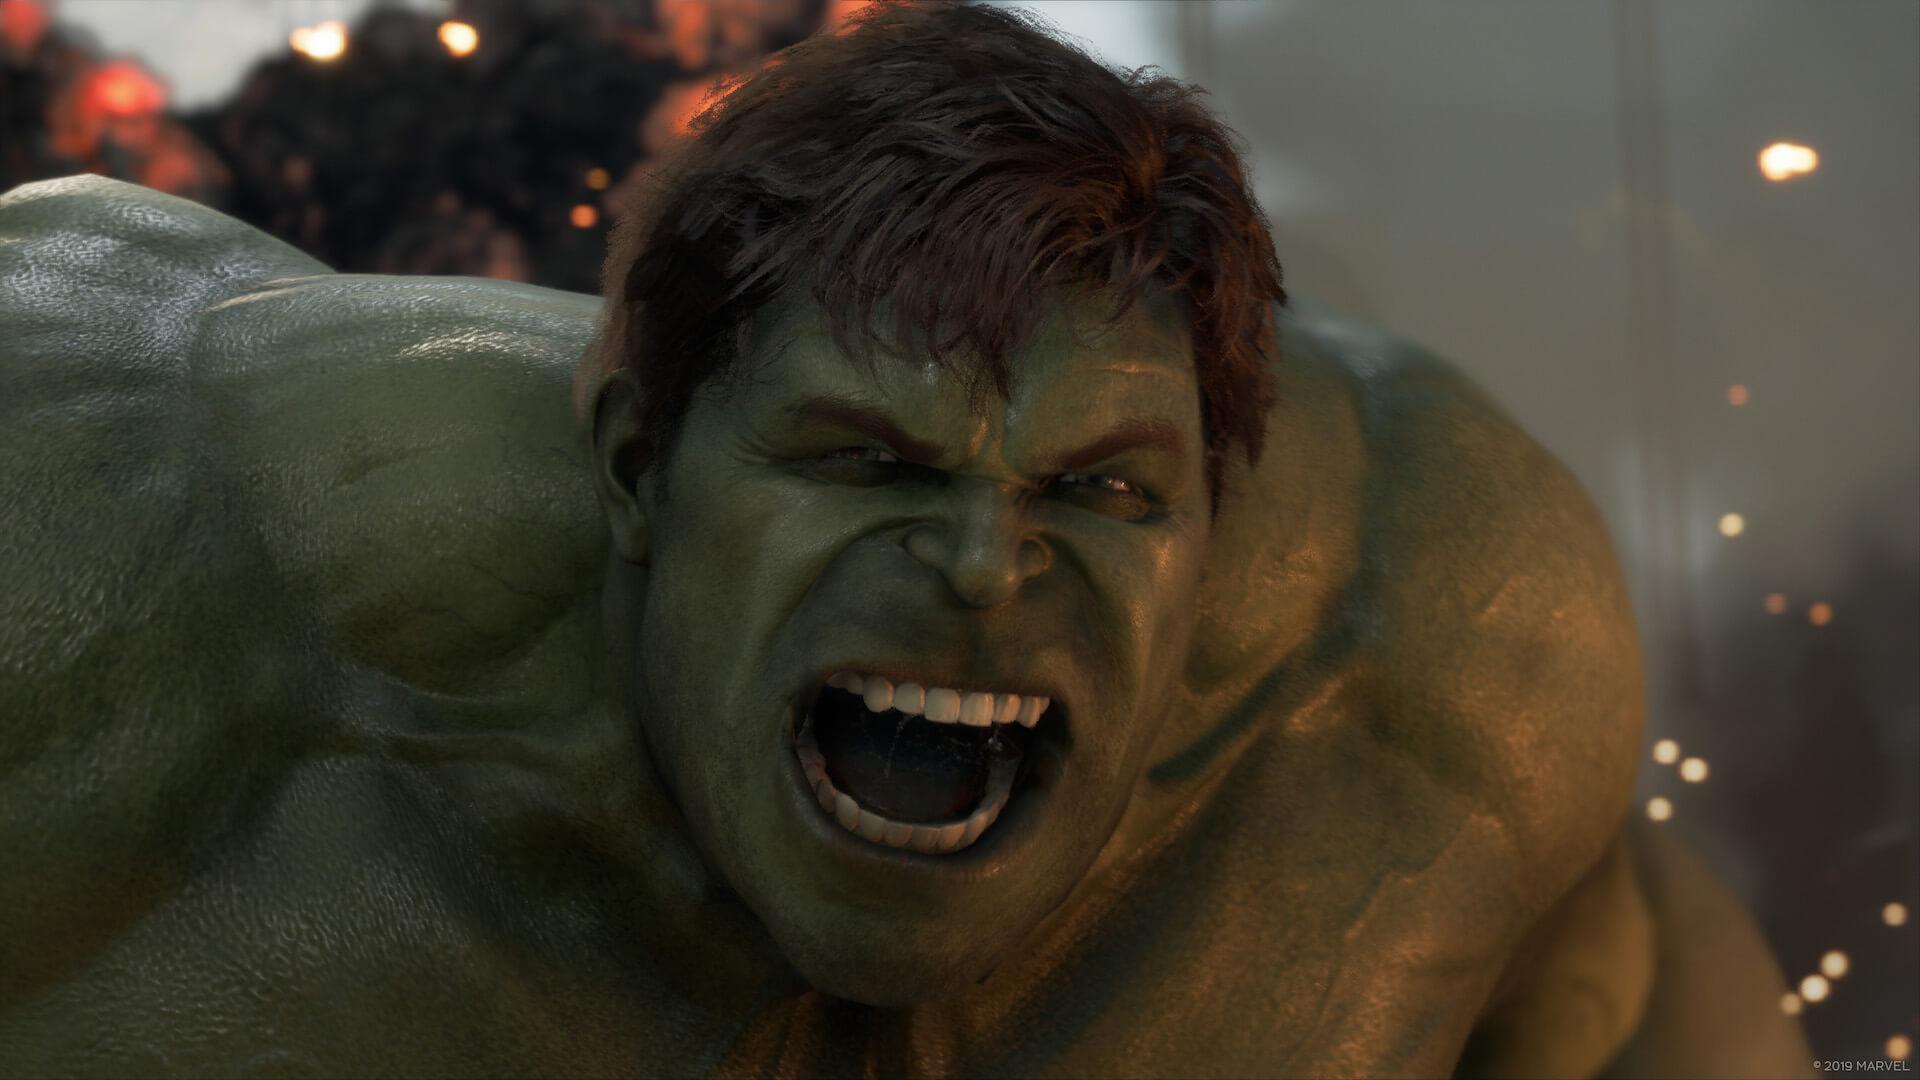 アベンジャーズ、ゲームでアッセンブル!『Marvel's Avengers』がついに予約受付開始&最新トレーラーも解禁 tech200417_avengers_game_9